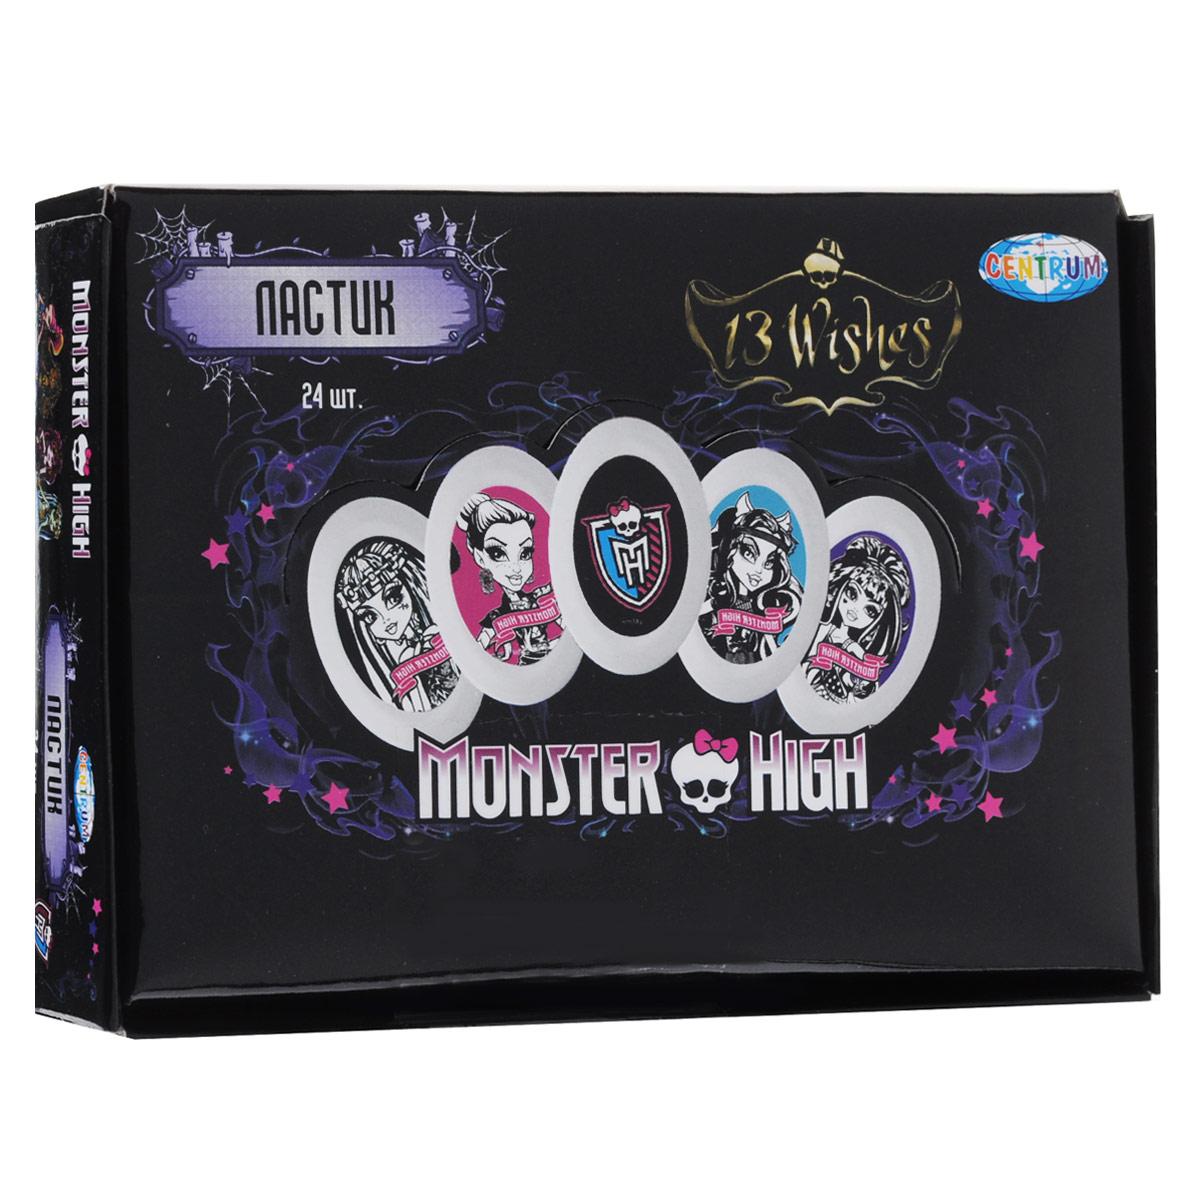 Набор ластиков Monster High, 24 шт85050ОЛастики из набора Monster High предназначены для стирания карандашей с бумаги различной плотности. Овальные ластики выполнены из синтетического каучука белого цвета. Каждый ластик оформлен изображением одного из персонажей популярного мультсериала Monster High (Школа Монстров). В наборе 24 ластика, упакованных в отдельные пакеты.